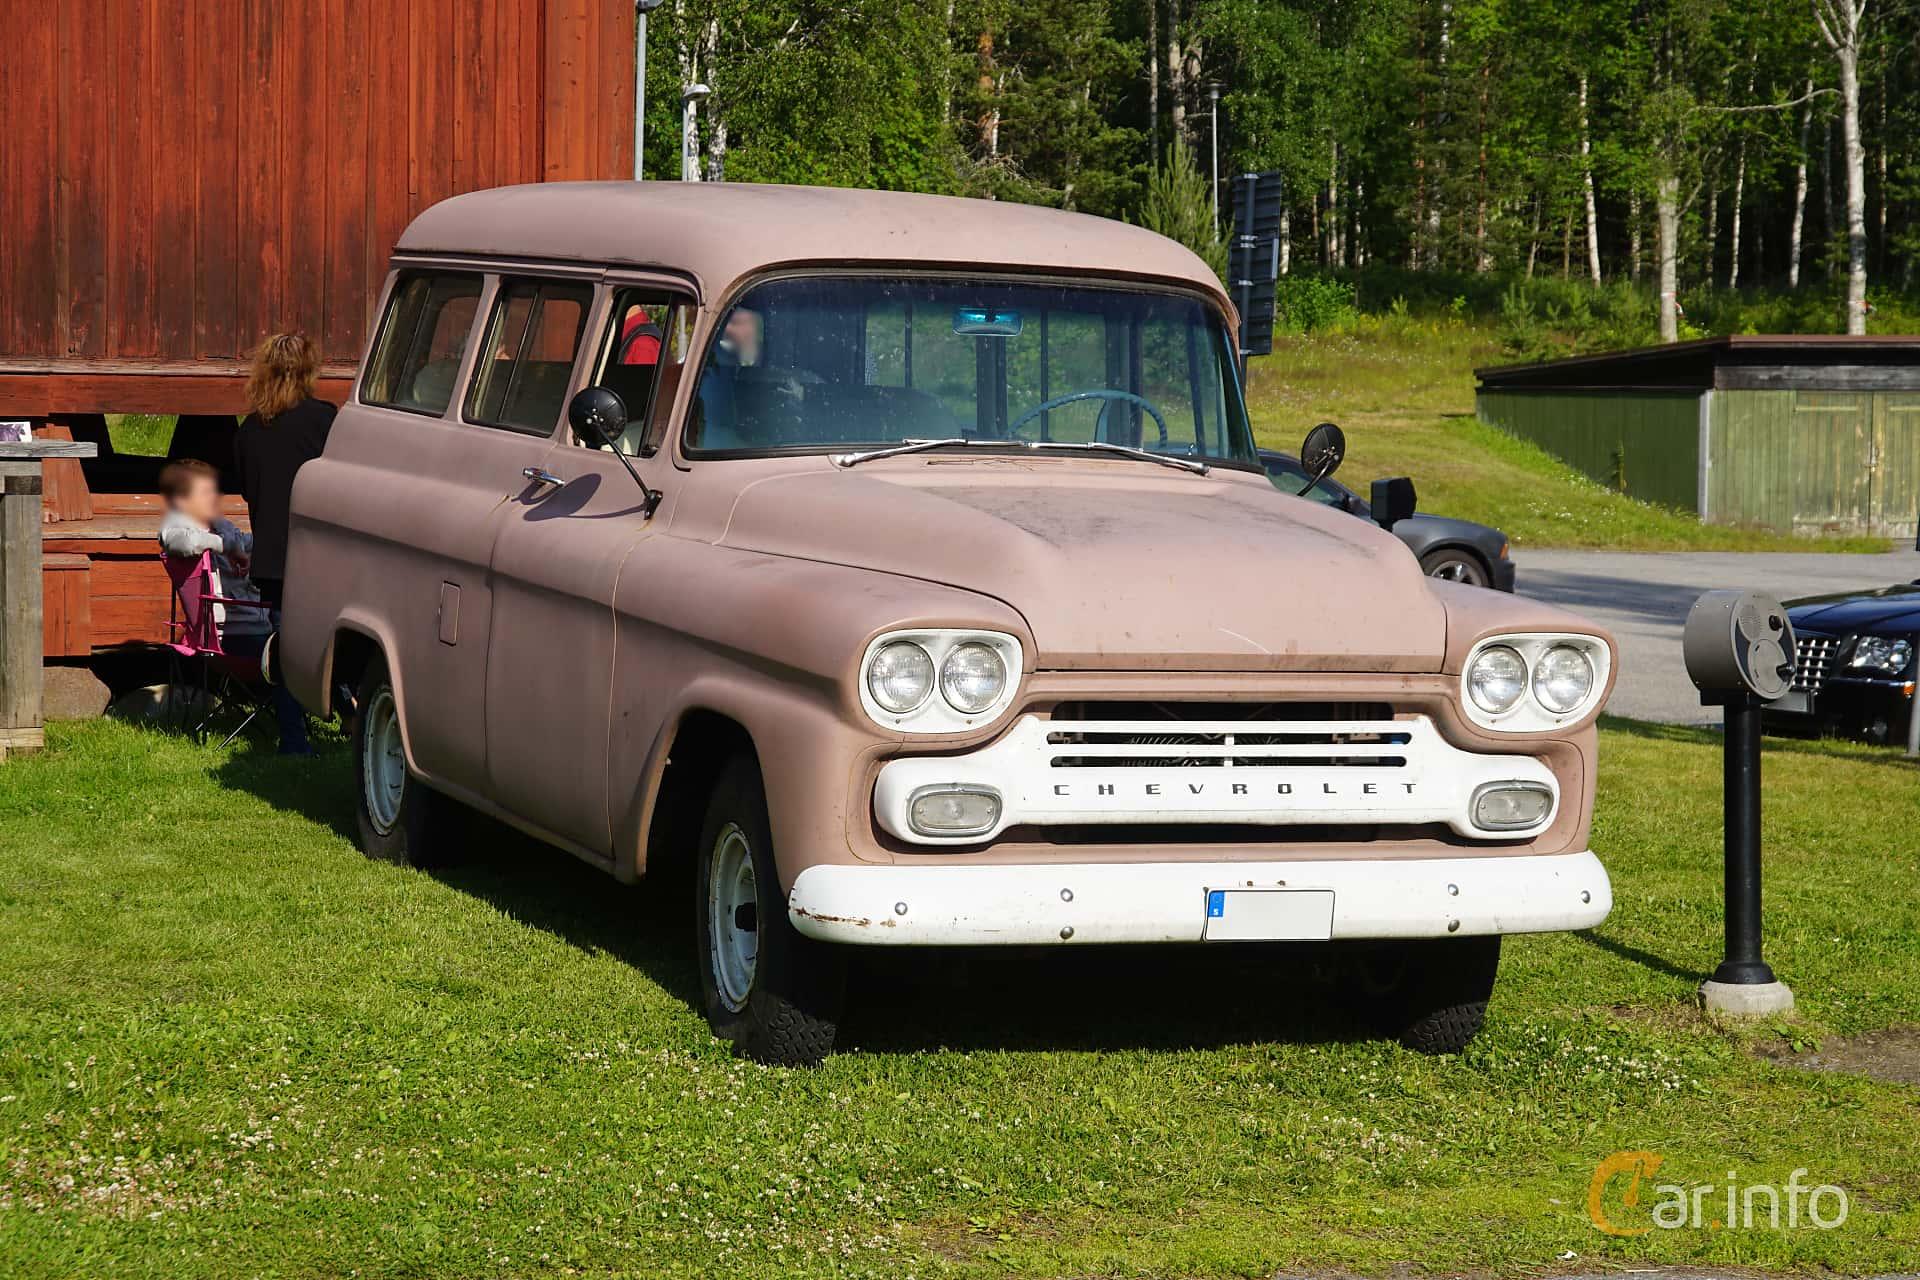 Chevrolet Suburban Carryall 4.6 V8 Automatic, 162hp, 1959 at Onsdagsträffar på Gammlia Umeå 2019 vecka 28